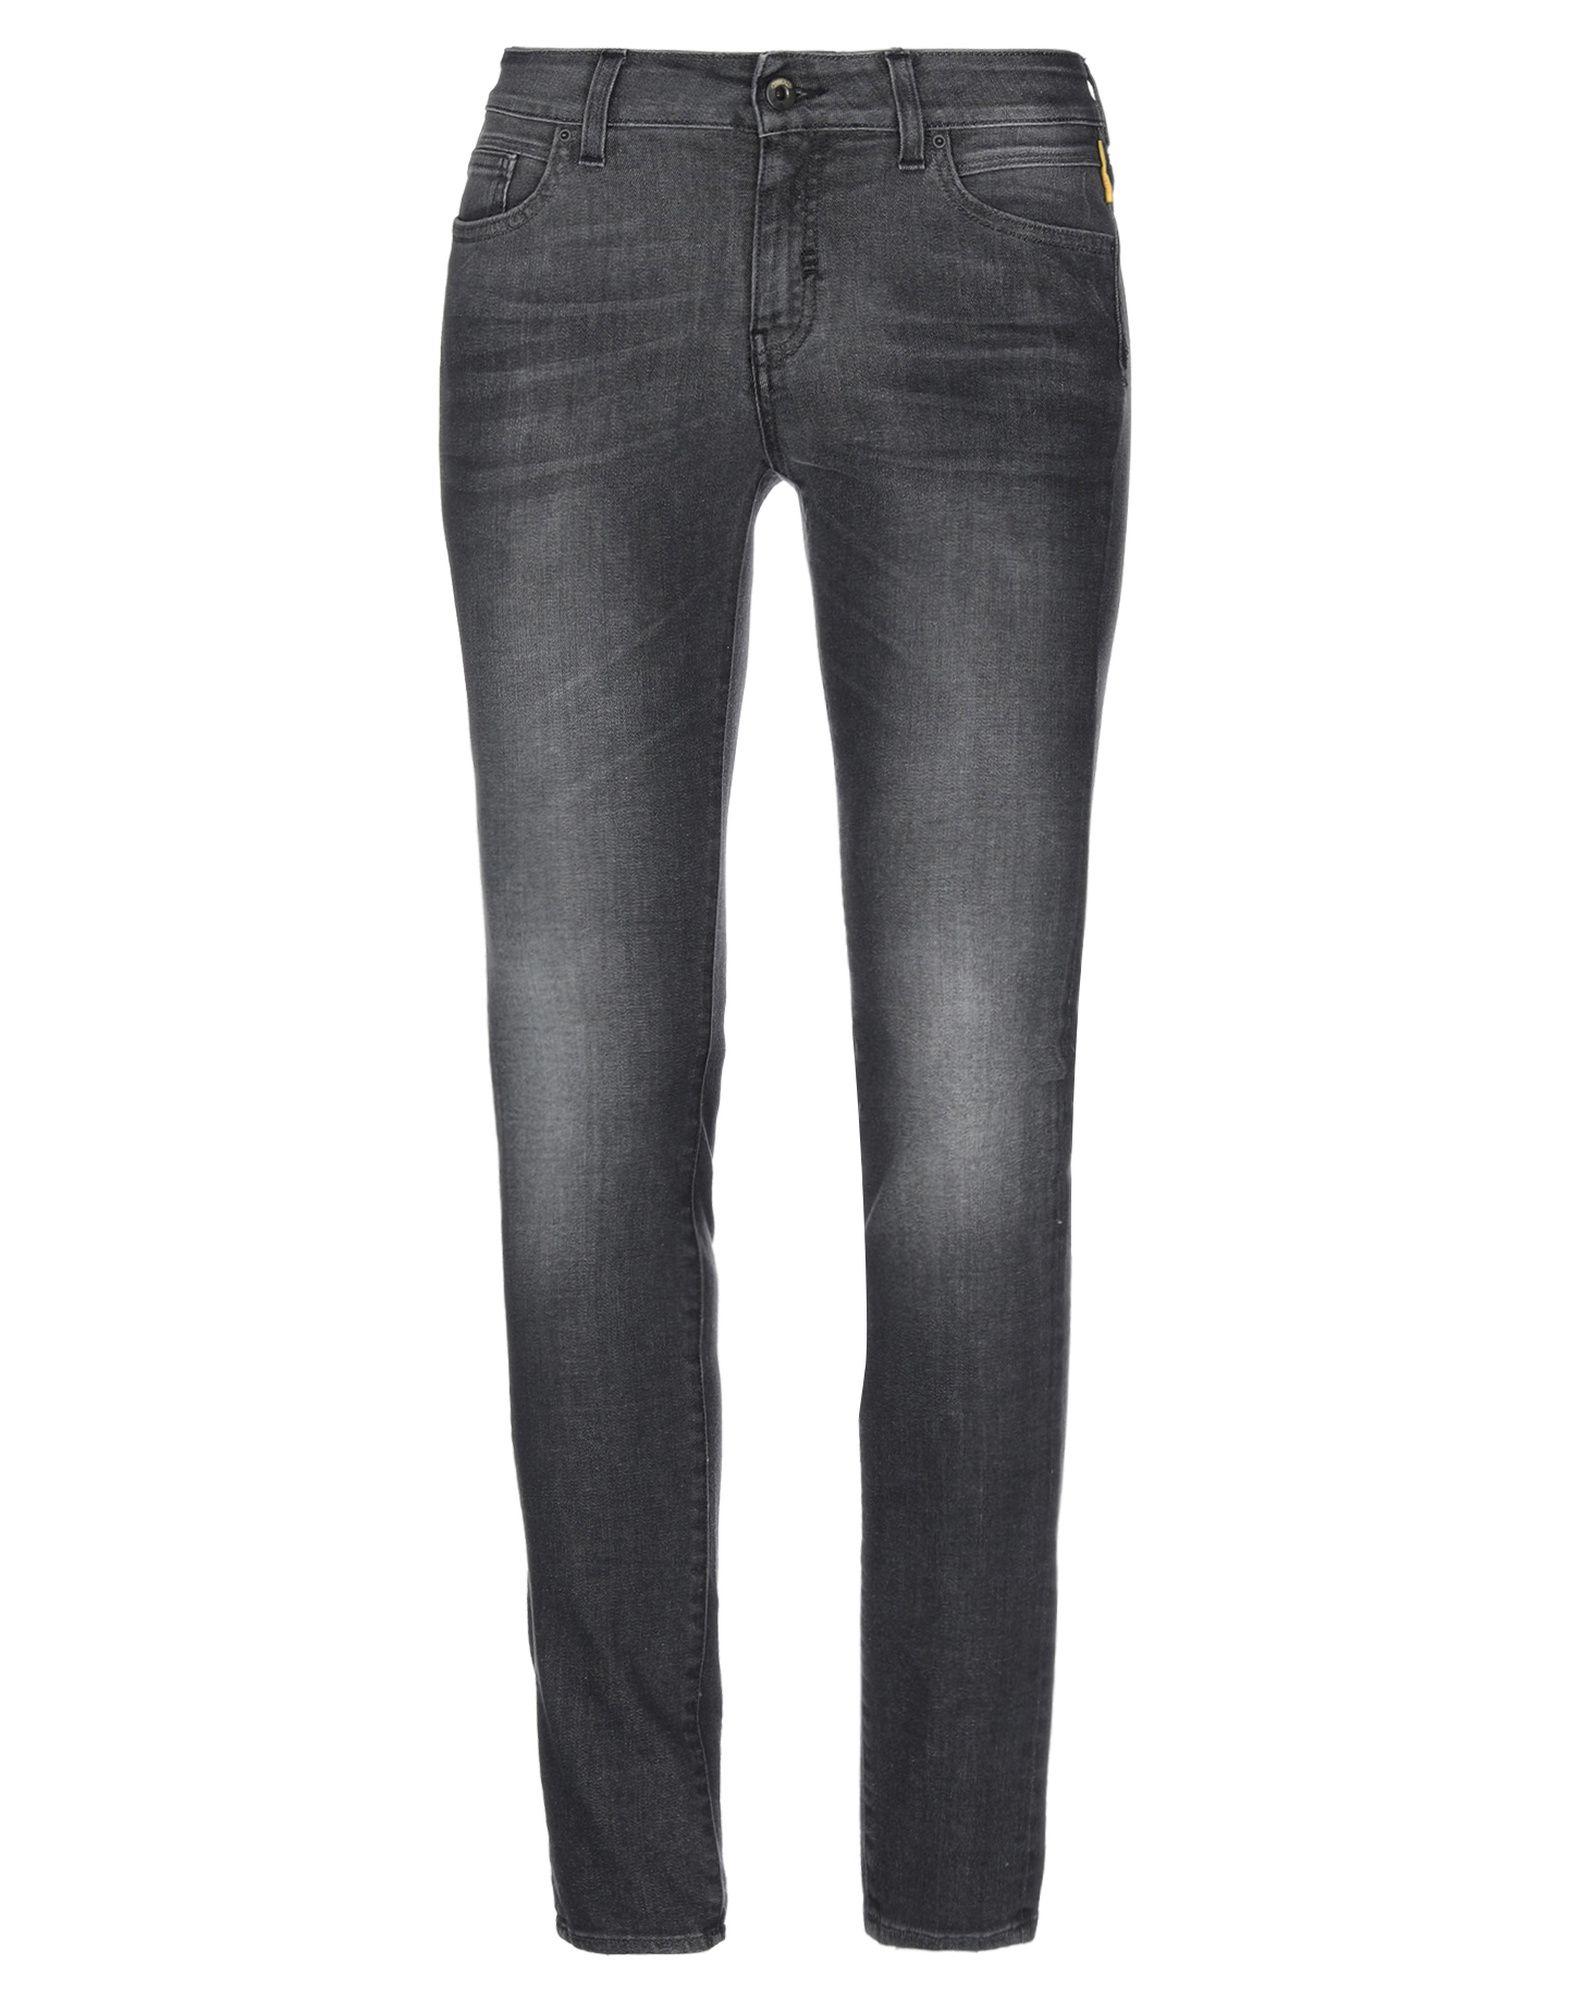 Pantaloni Jeans Meltin Meltin Pot donna - 42729641SB